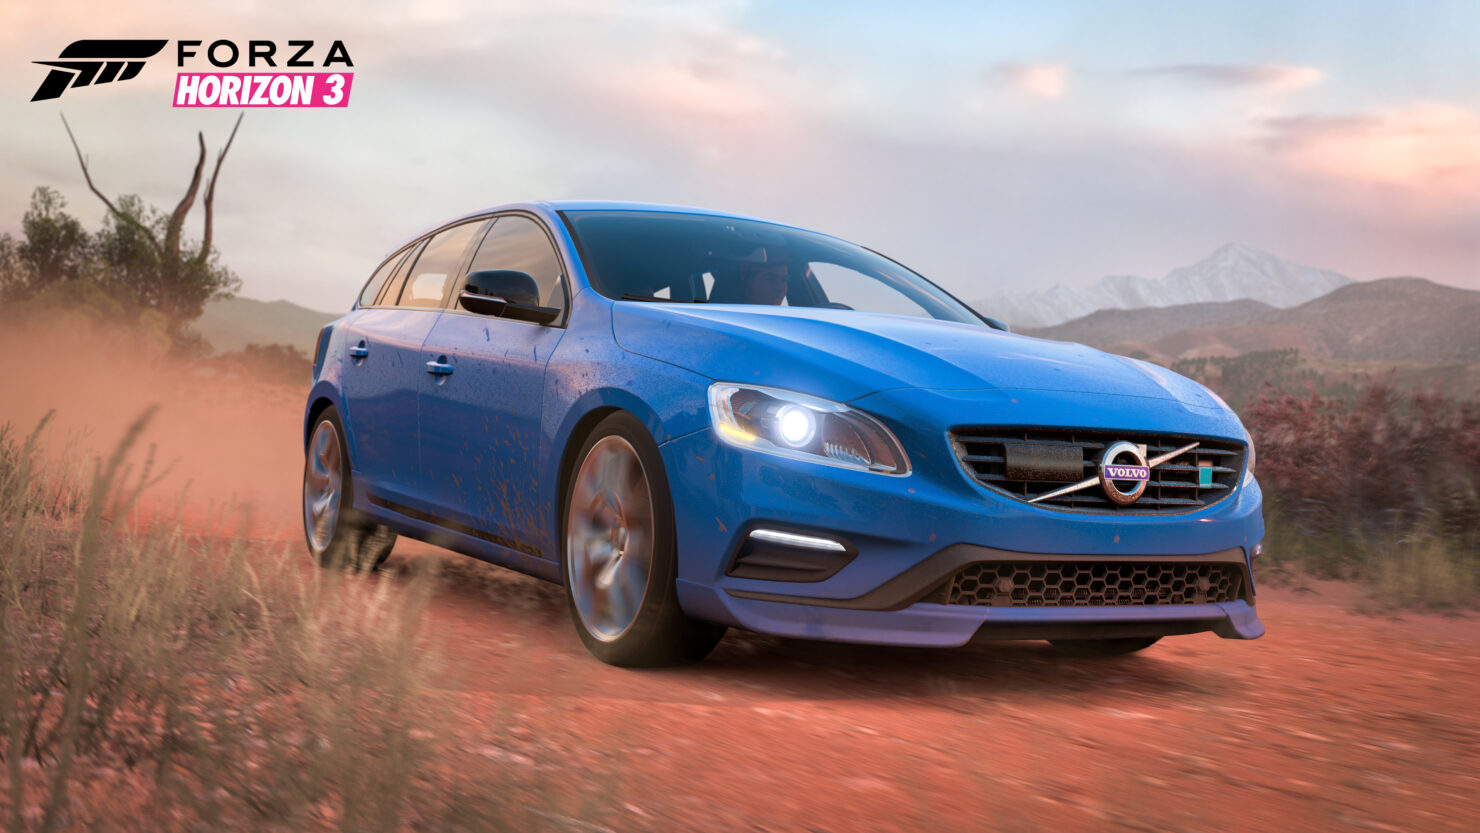 2015-volvo-v60-polestar-in-forza-horizon-3-rockstar-car-pack